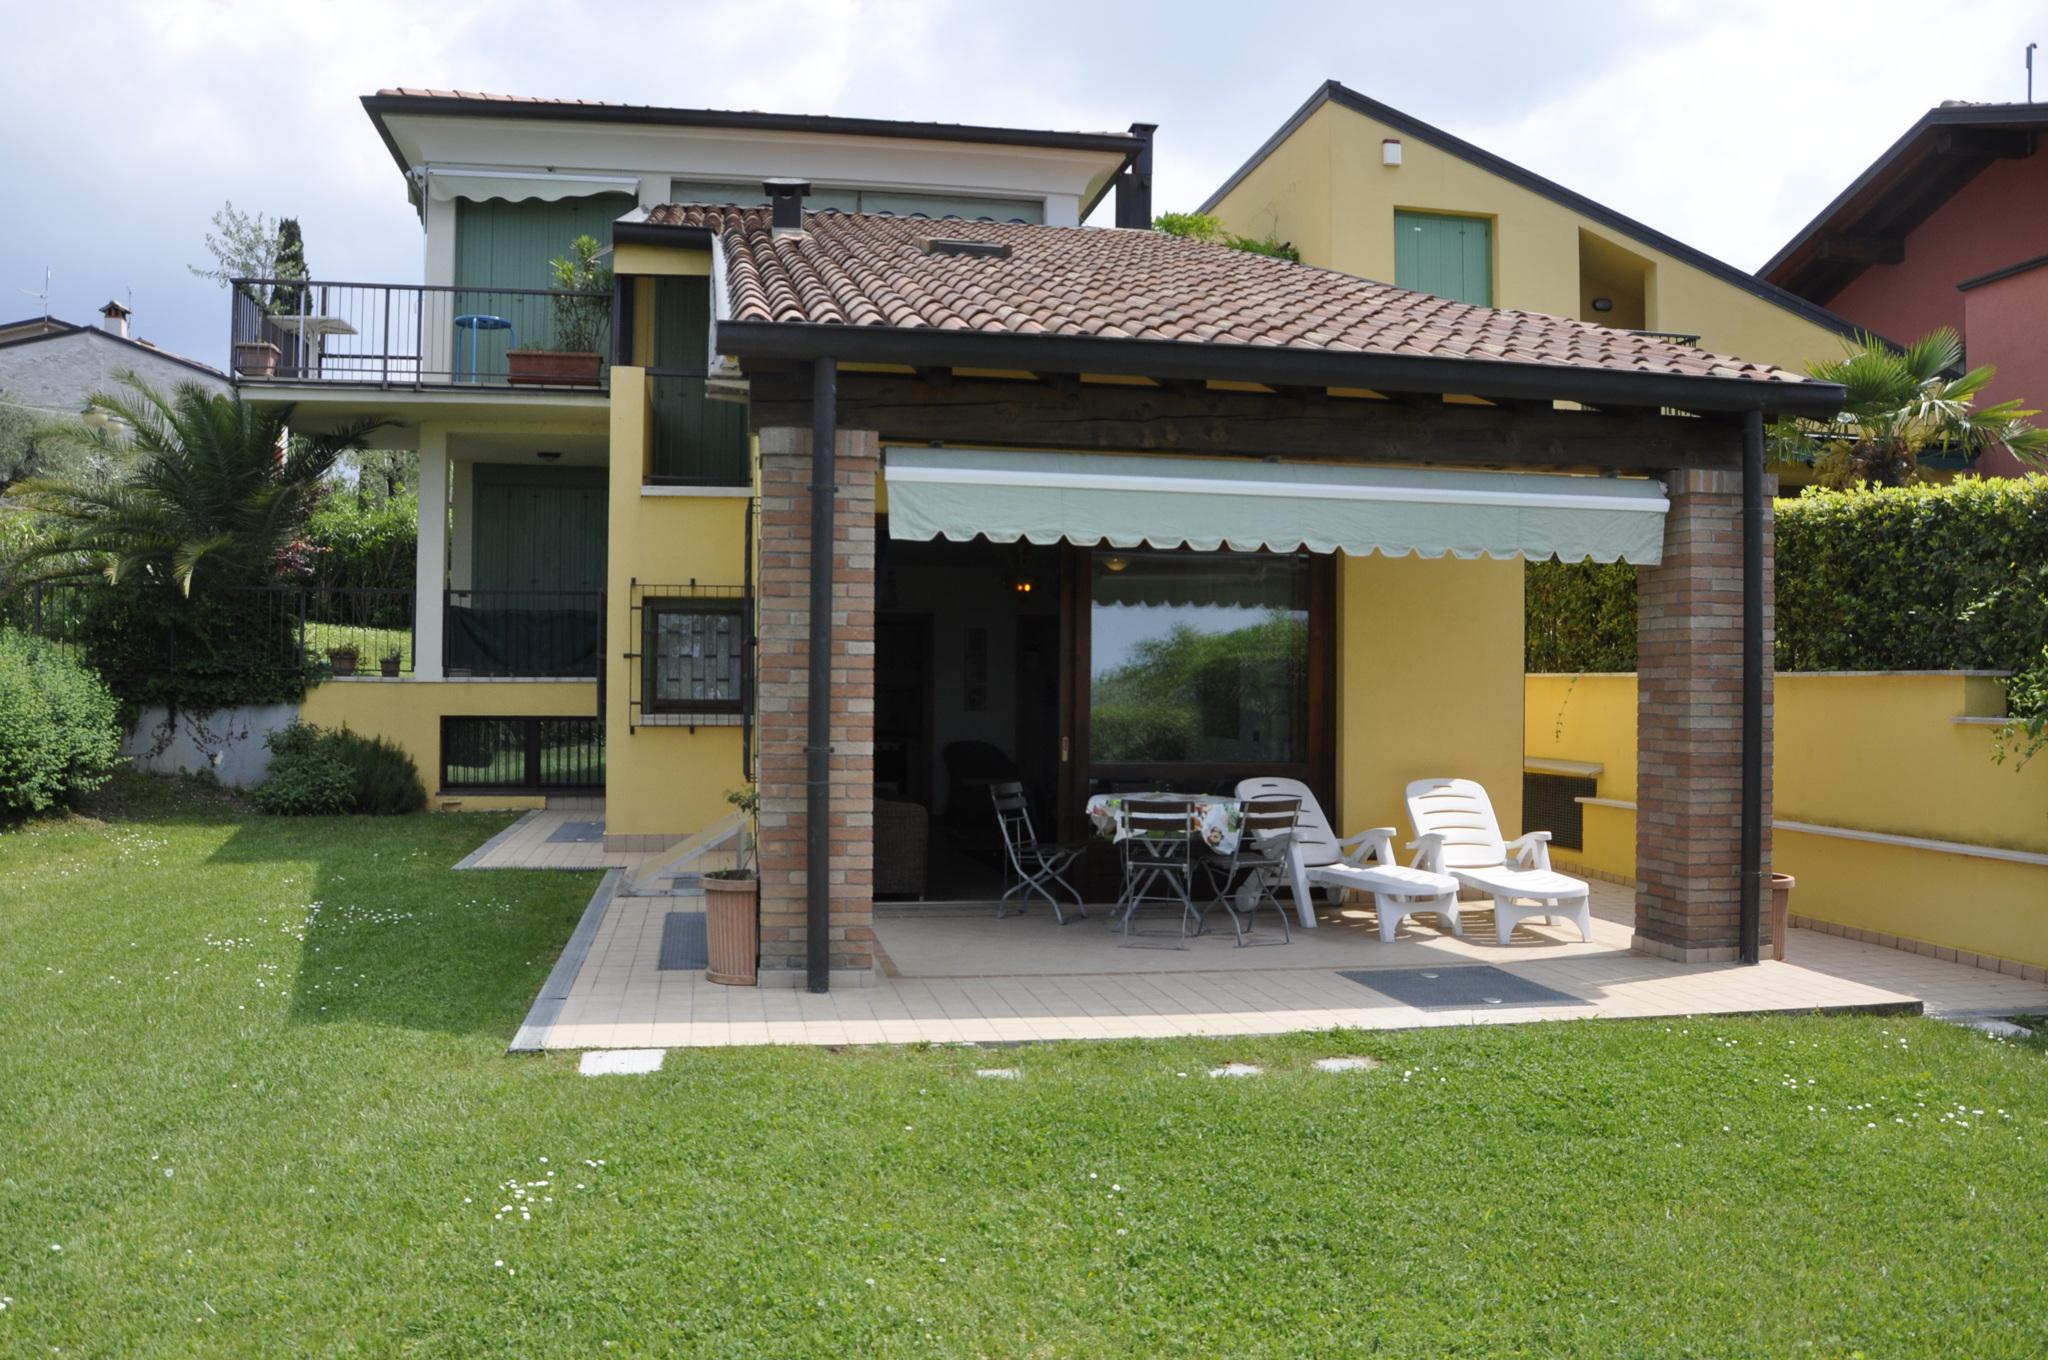 Ferienwohnung con terrazza (488452), Lazise, Gardasee, Venetien, Italien, Bild 11